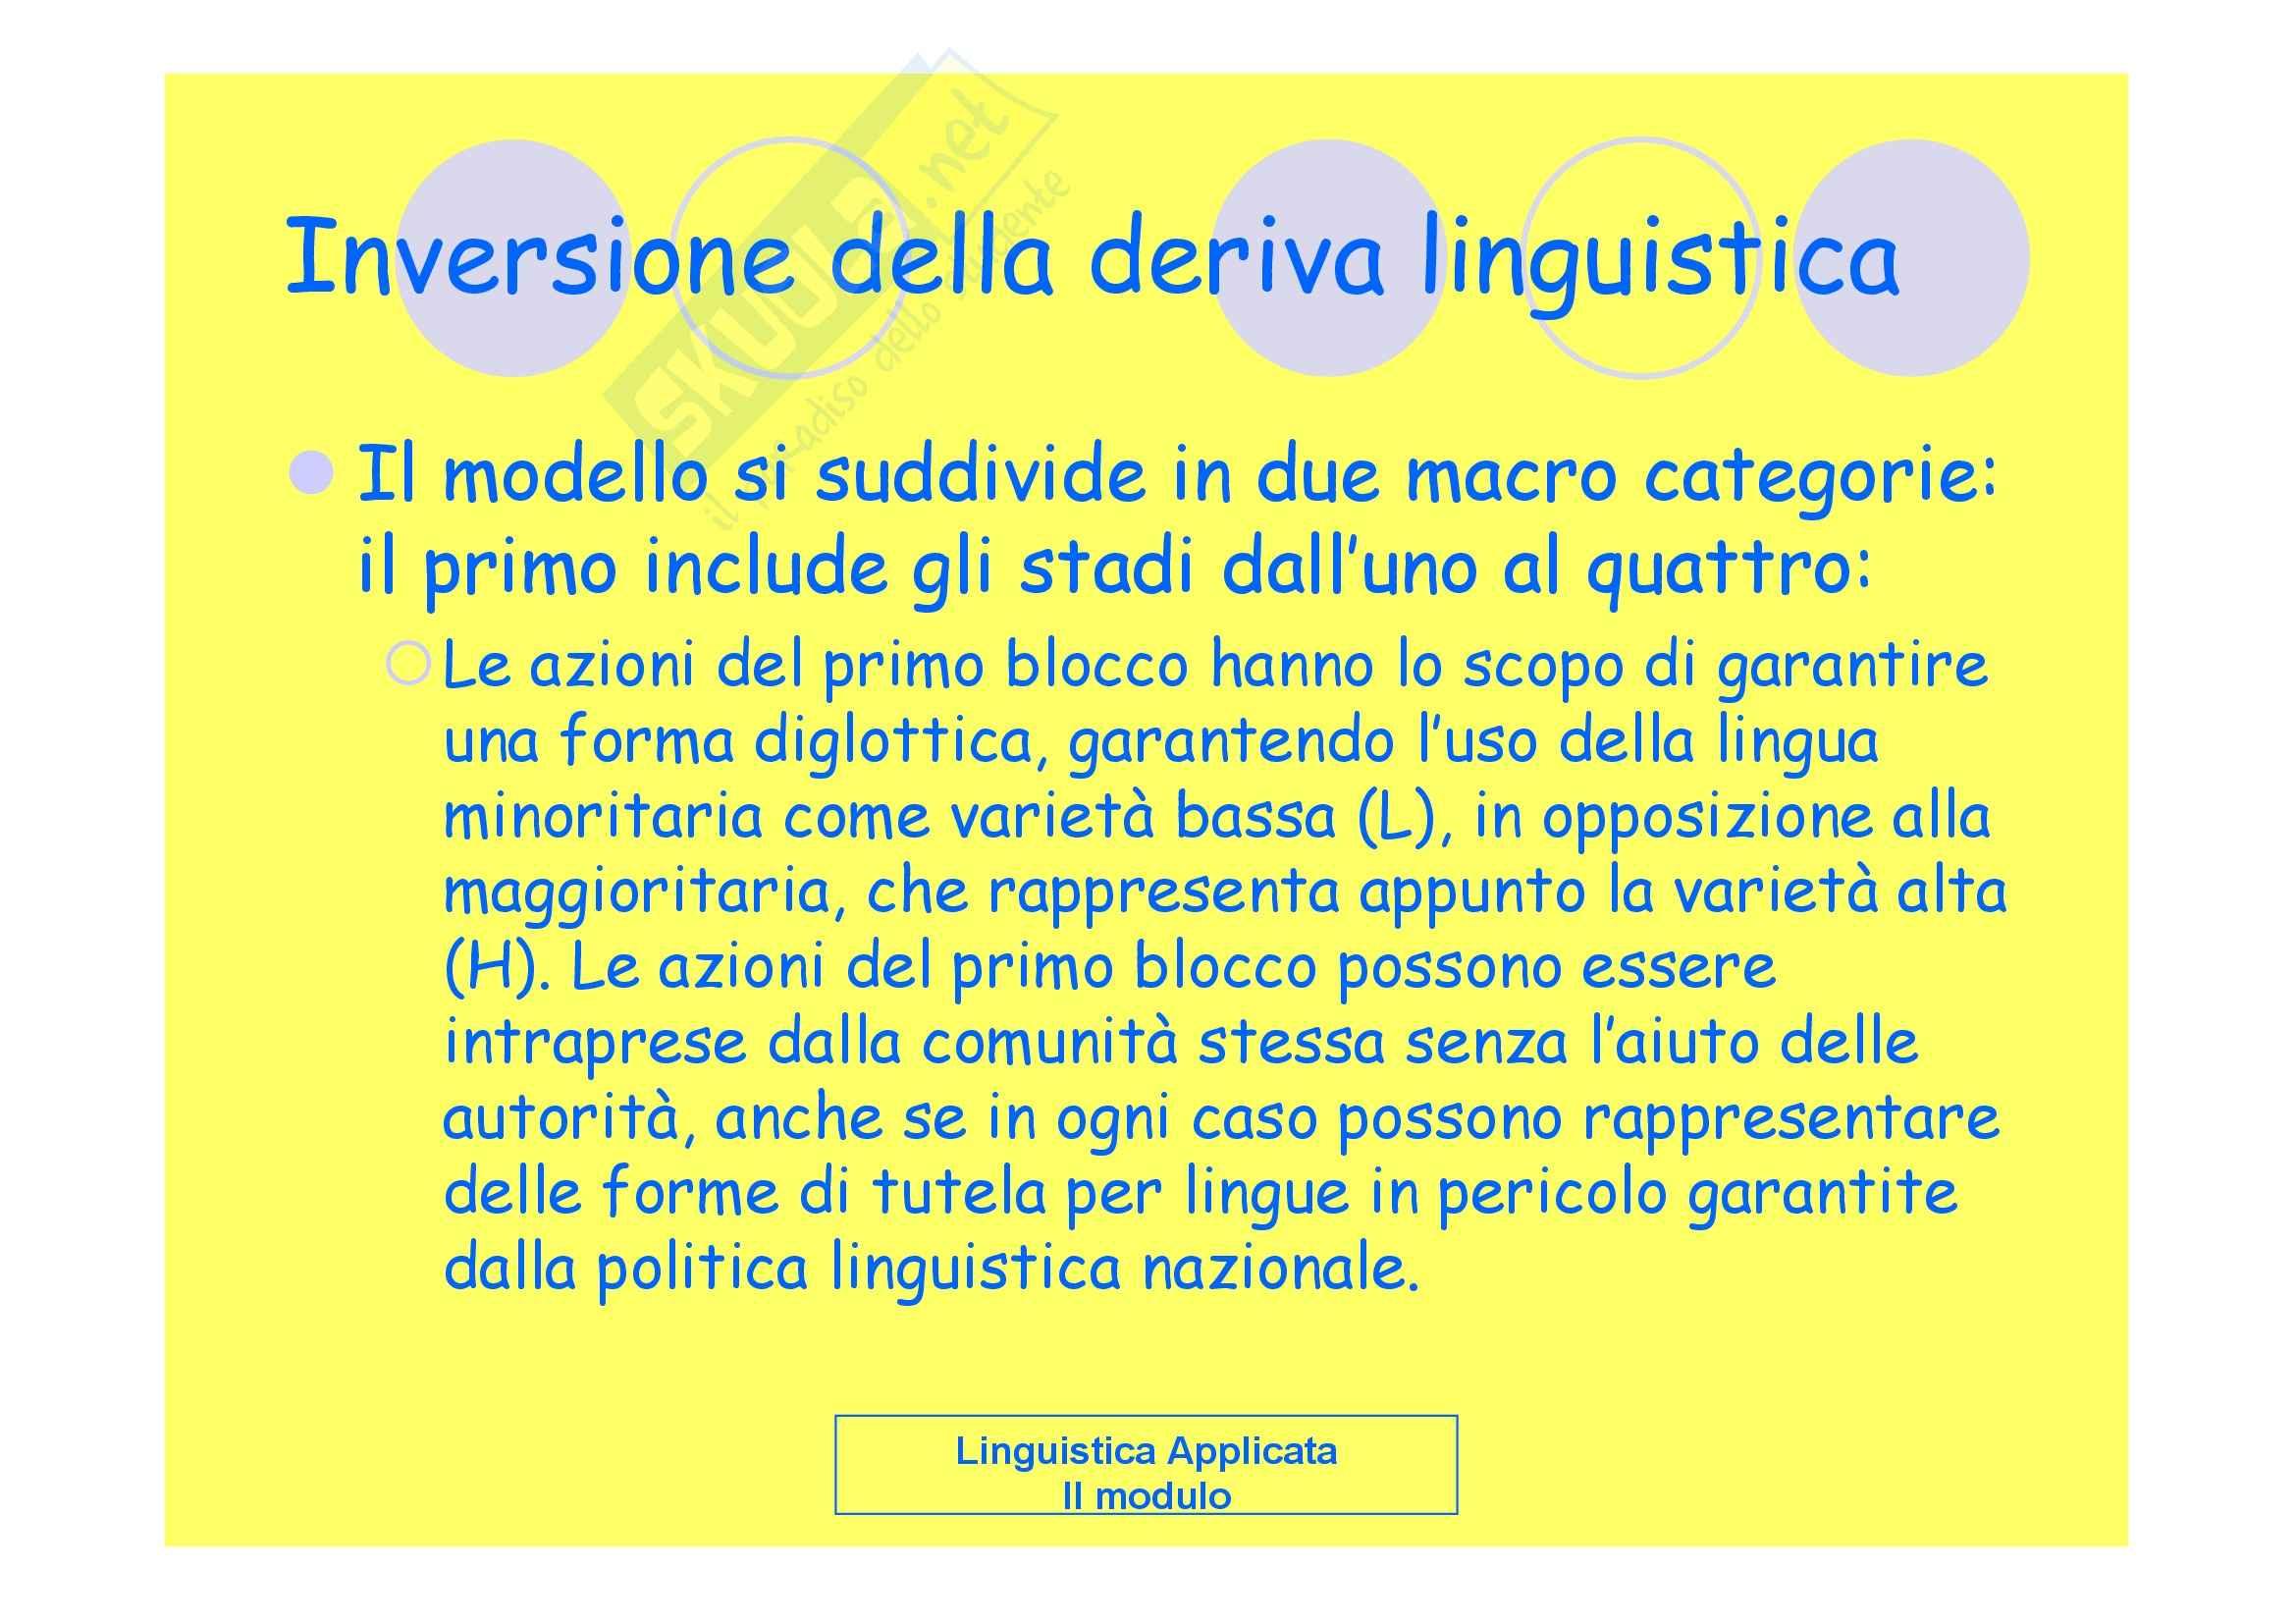 Linguistica applicata - la pianificazione linguistica Pag. 26